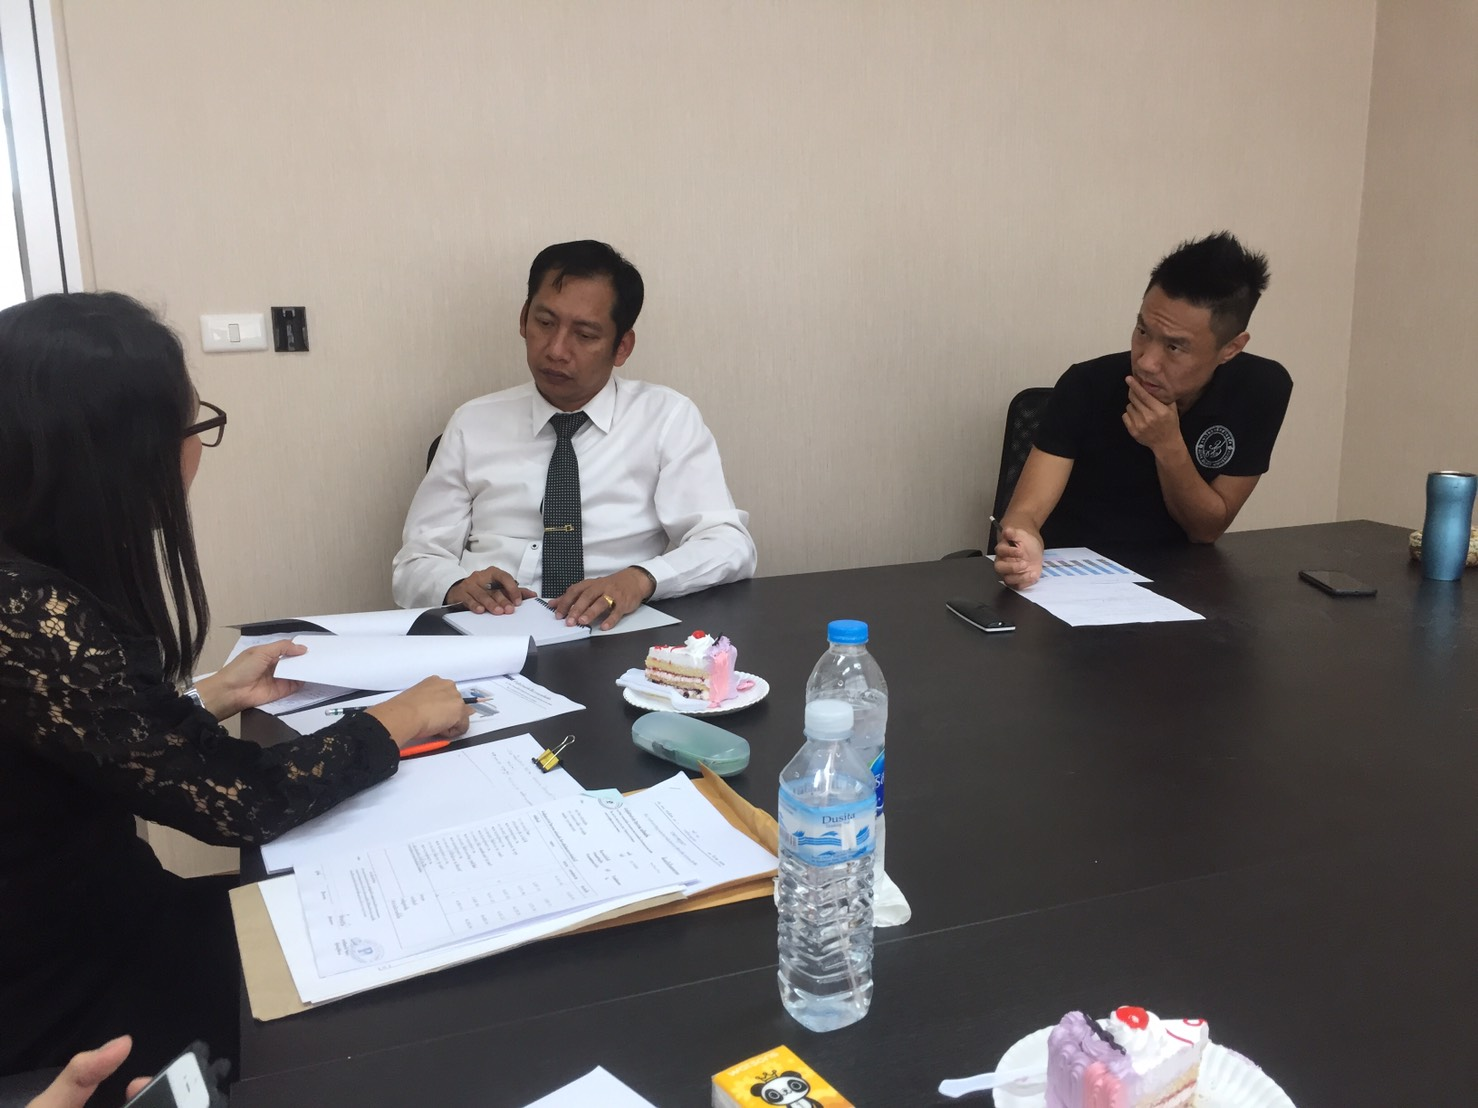 ประชุมศูนย์เพื่อเตรียมความพร้อมรับการตรวจประเมินมาตรฐานการศึกษา